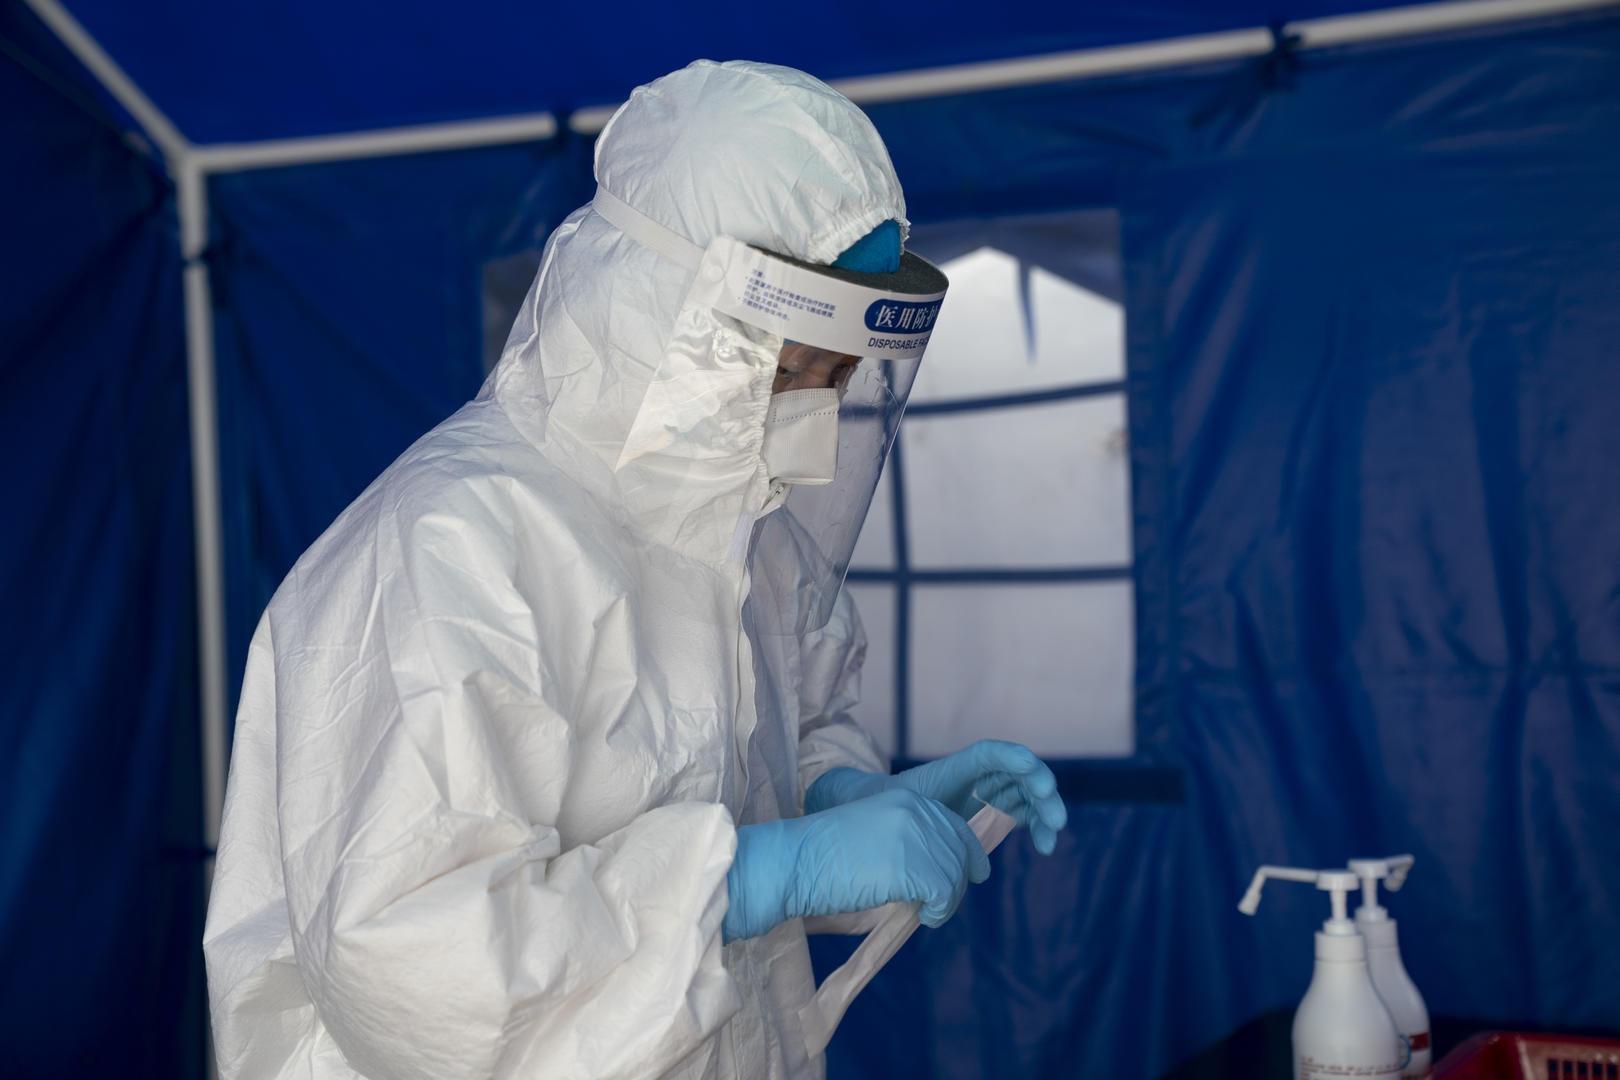 国家卫健委:目前我国每天核酸检测能力为150万份 还需进一步提高